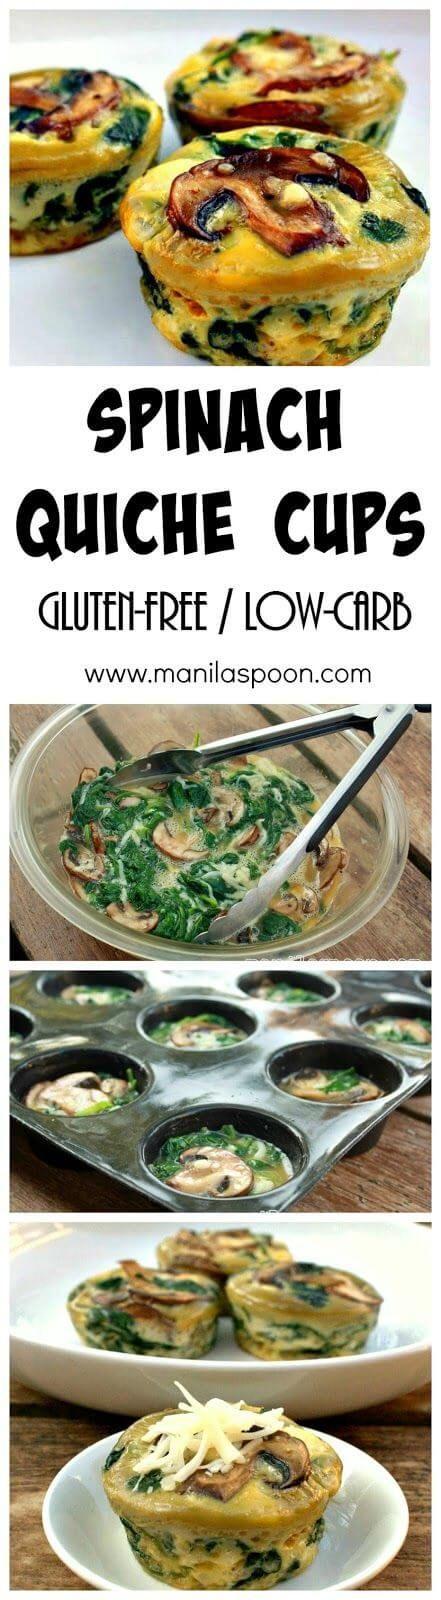 Gluten-Free Spinach Quiche Cups Recipe